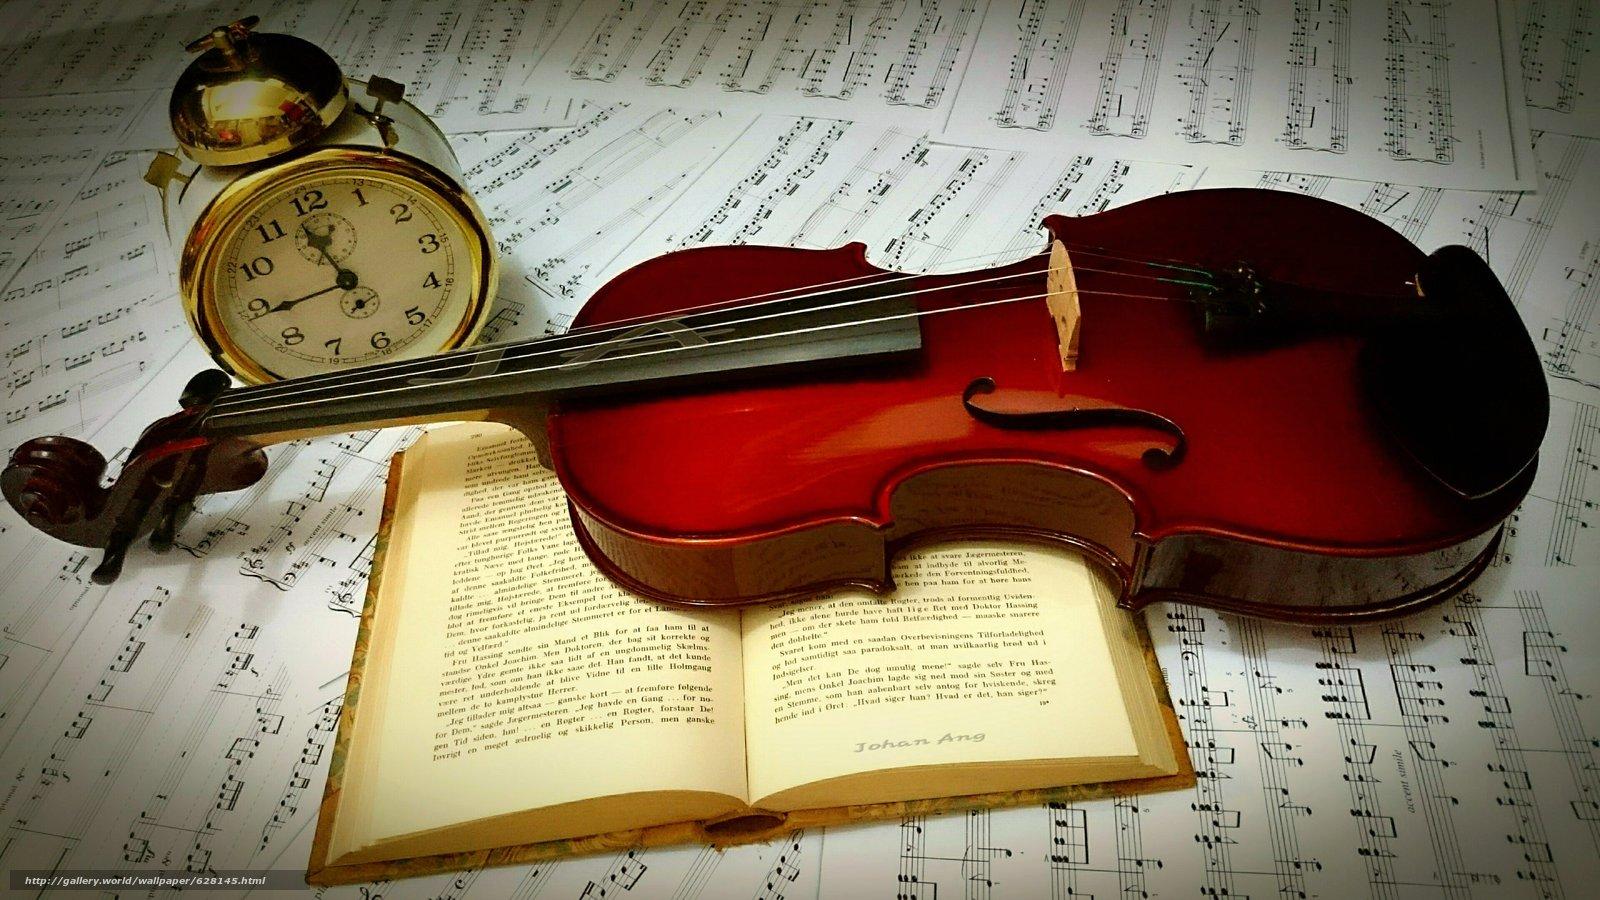 Скачать на телефон обои фото картинку на тему скрипка, книга, будильник, разширение 3840x2160